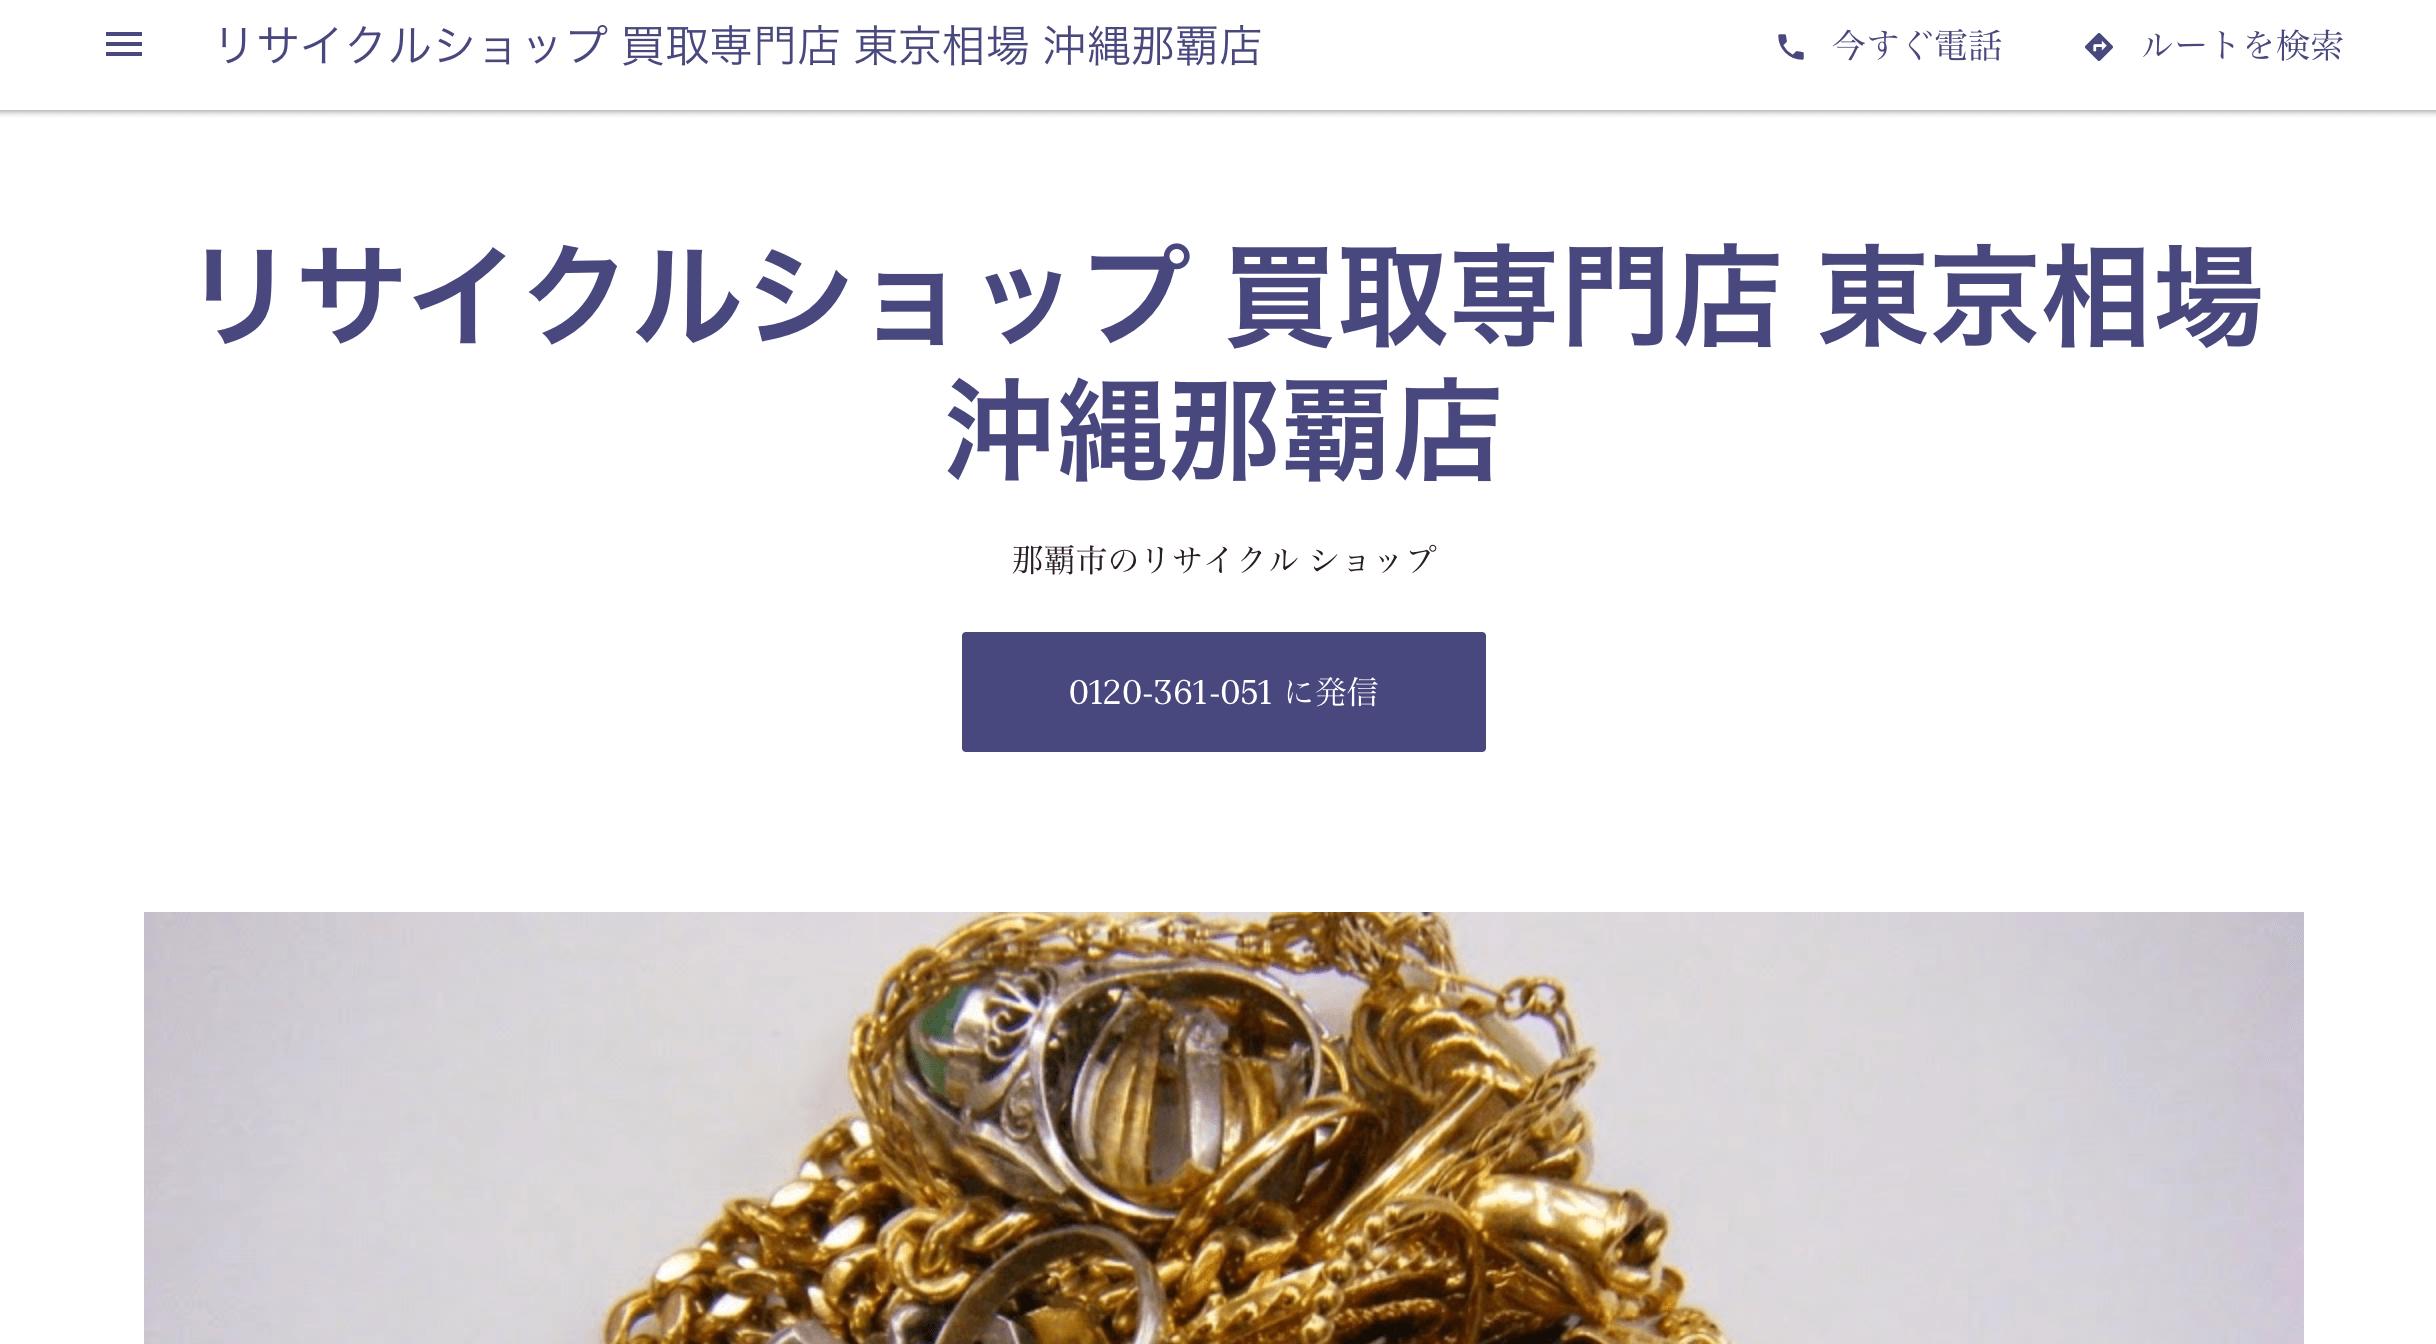 リサイクルショップ買取専門店 東京相場